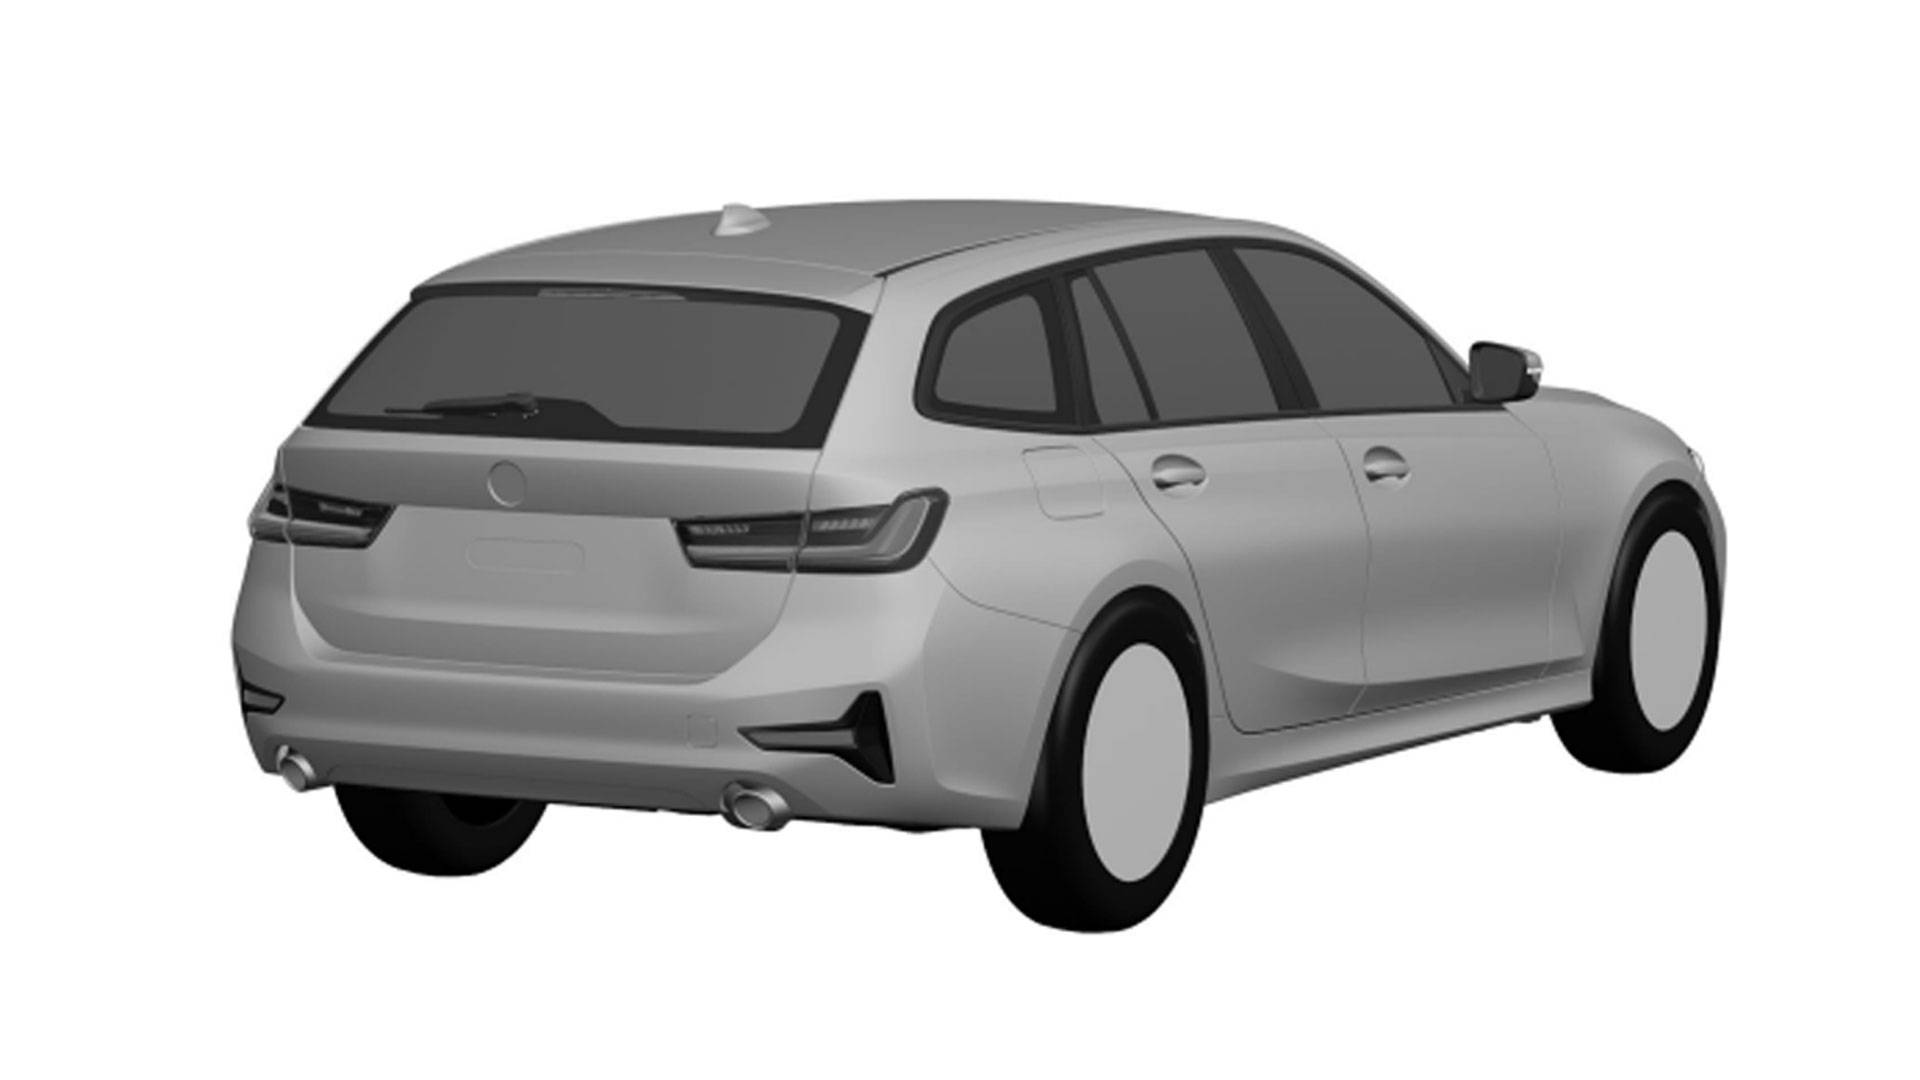 Imagem patente do novo BMW Série 3 Touring